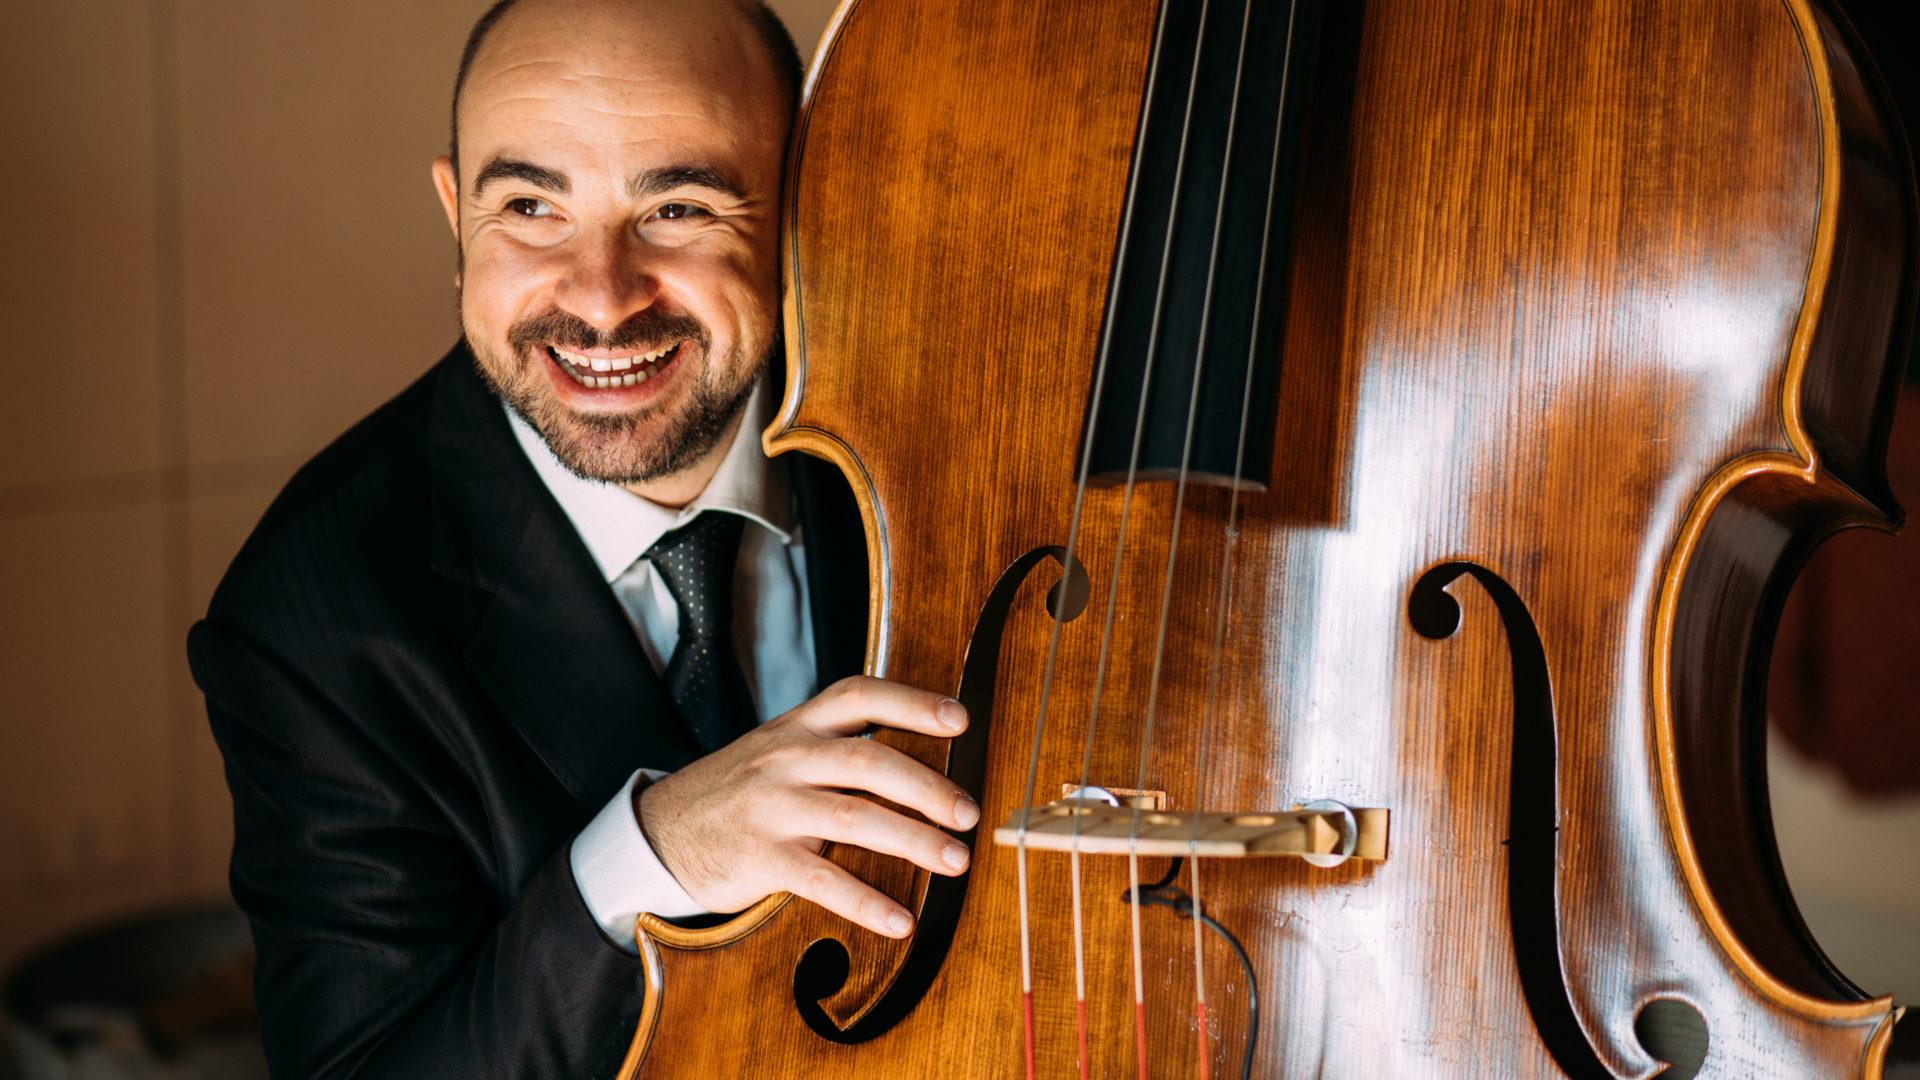 MIRKO SCARCIA Musician